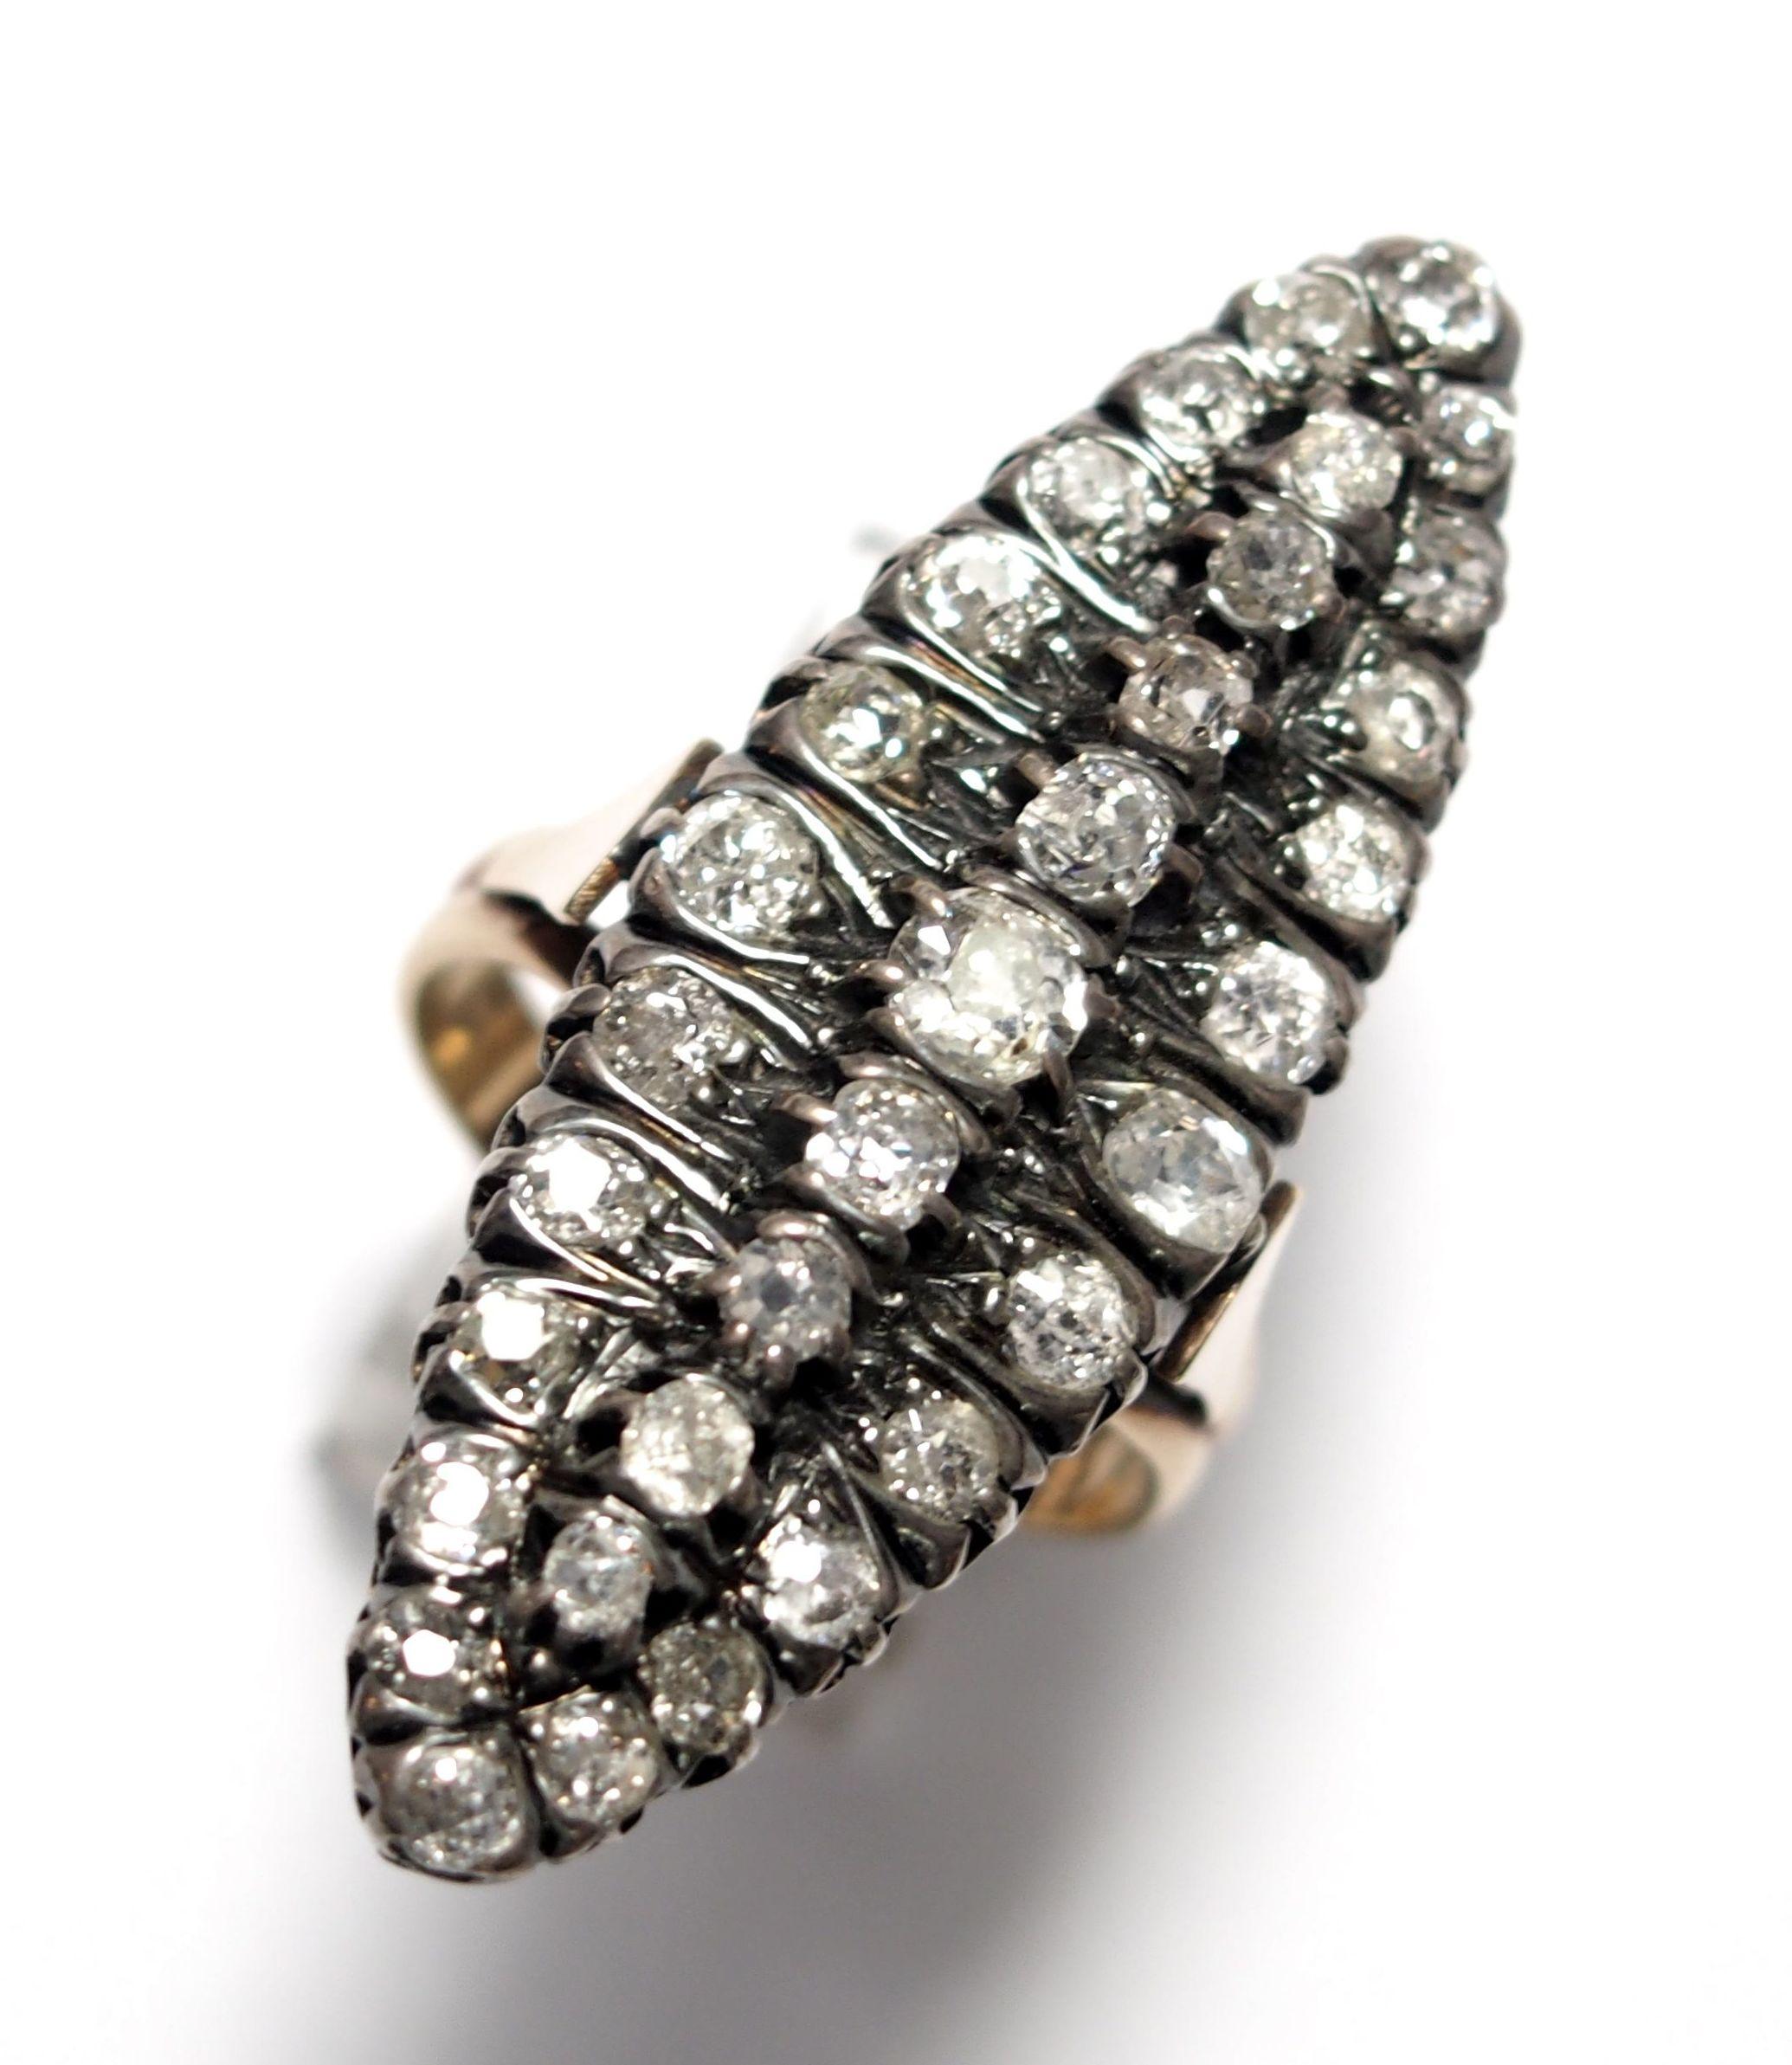 Sortija lanzadera realizada en oro de 18k con vistas de plata y diamantes con talla rosa. Último cuarto del s. XIX.